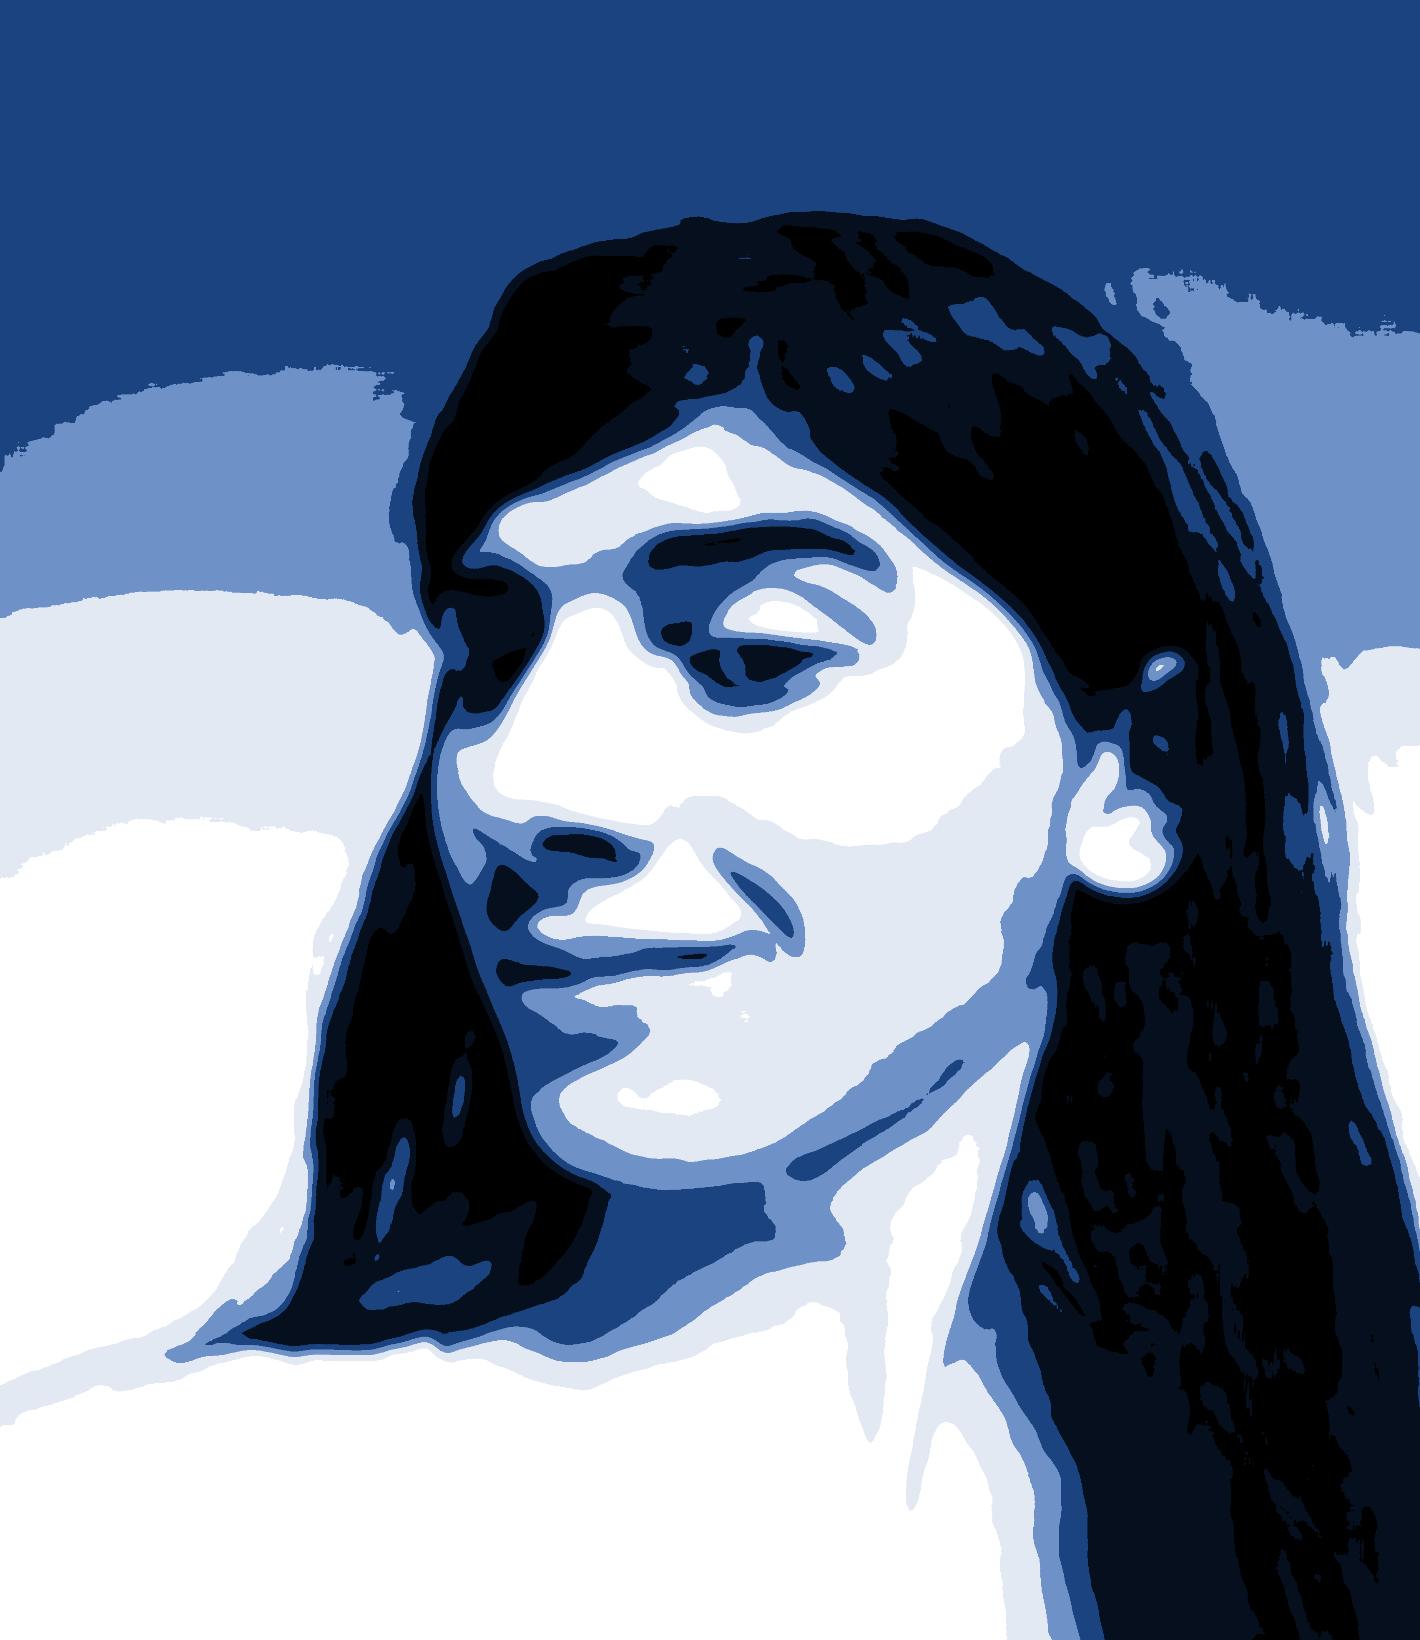 Alyssa Rosenzweig – Monochromatic Portraits with GLSL